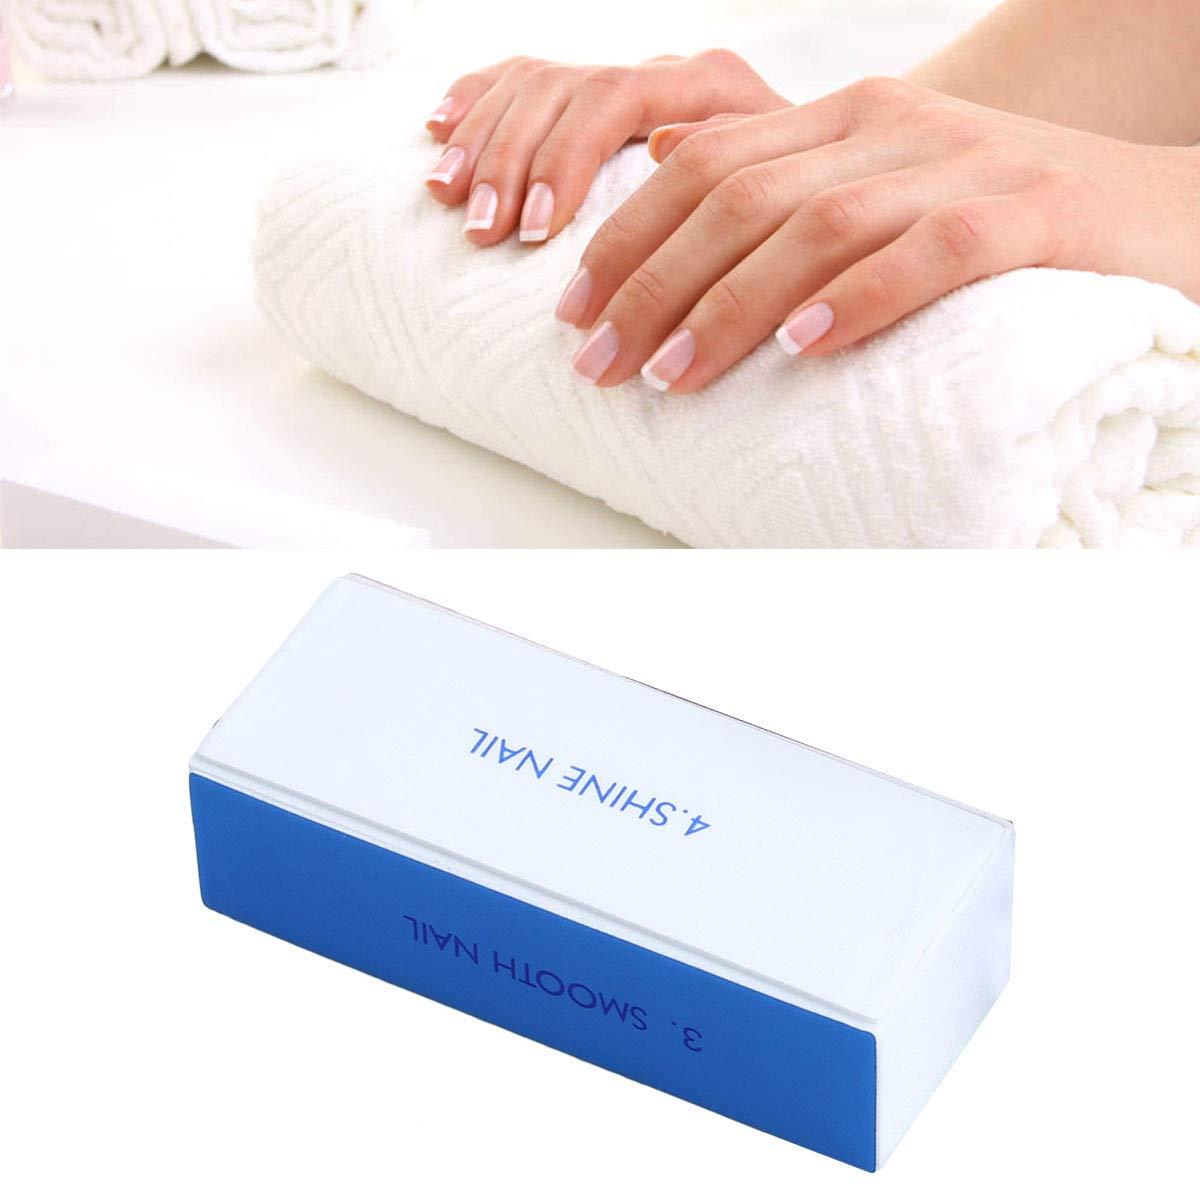 4-Way Nail Buffer Nail Shiner Sponge Nail Files Sanding Blocks 10pcs